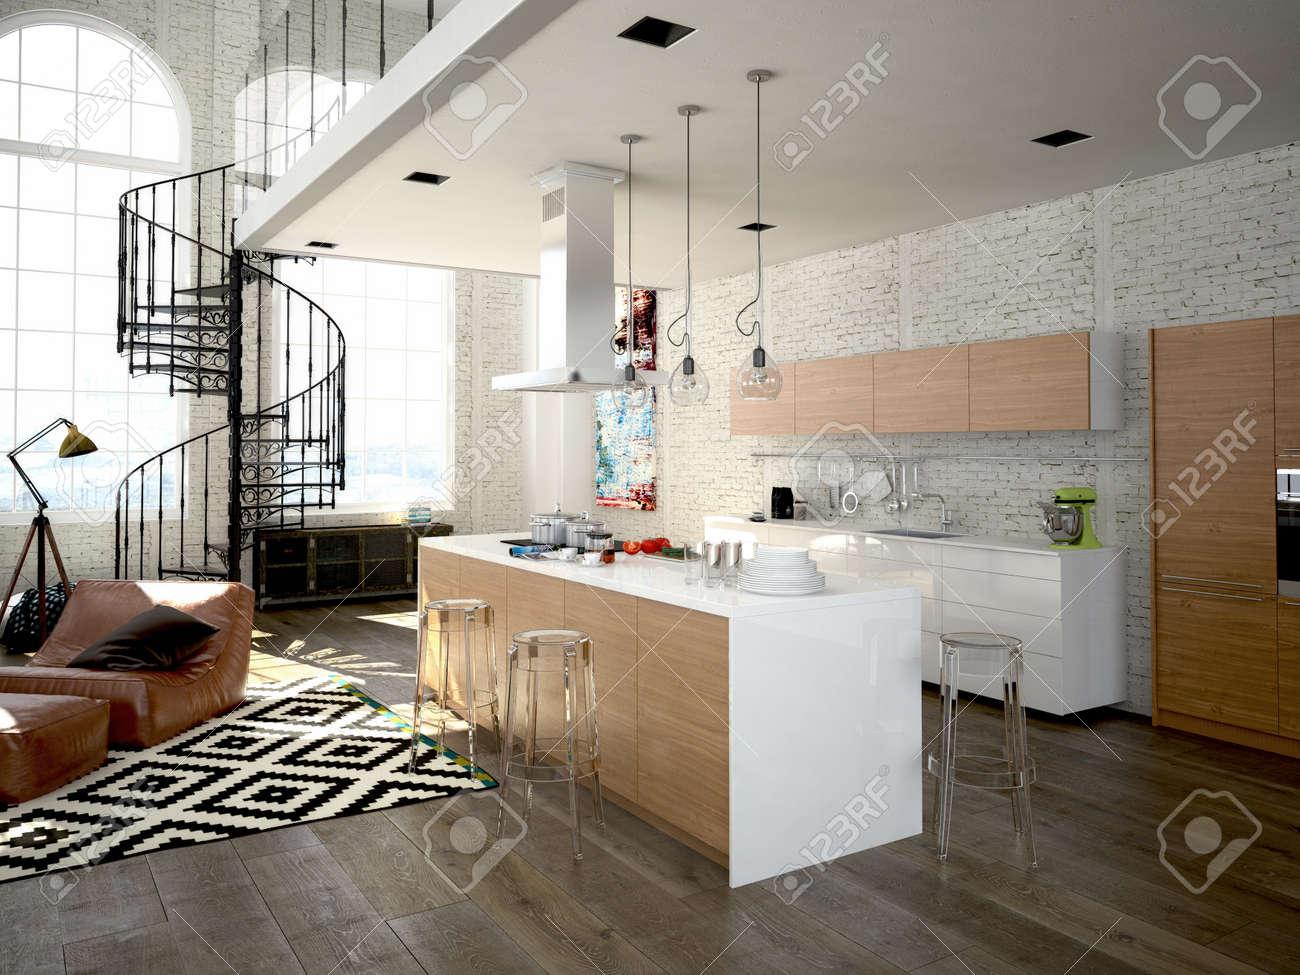 moderne loft mit küche und wohnzimmer. 3d-rendering lizenzfreie, Hause ideen